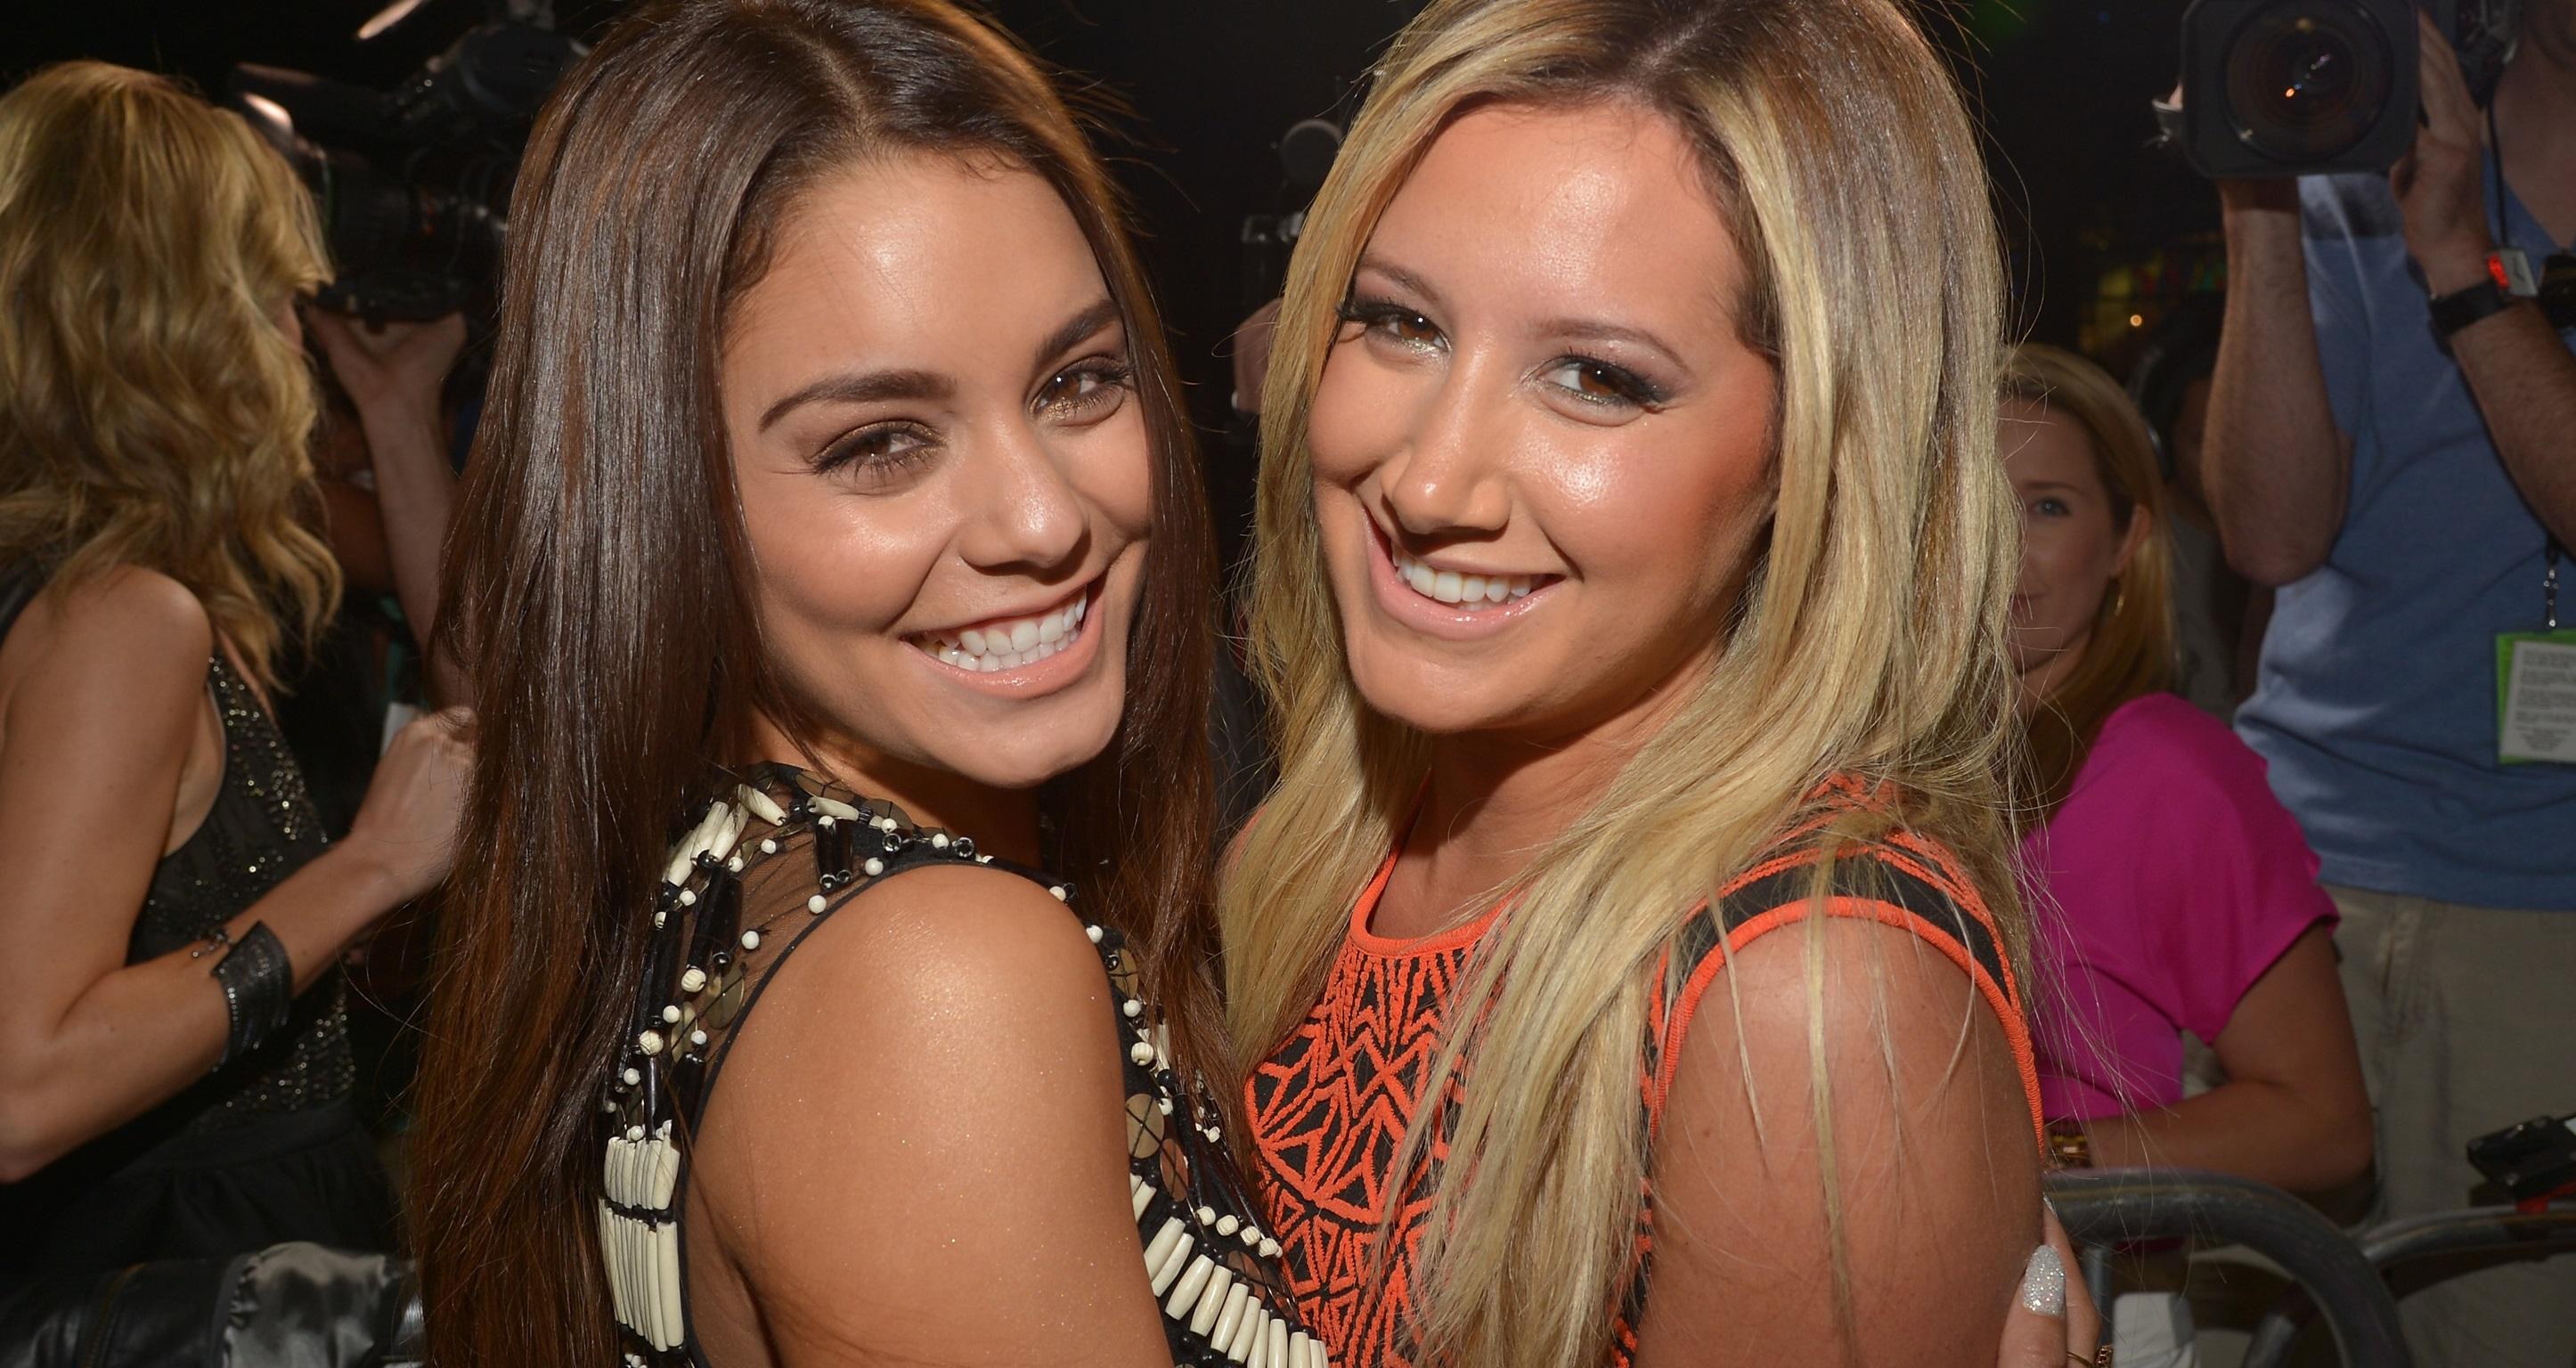 Photo of High School Musical Reunión! Ashley Tisdale y Vanessa Hudgens danza y canta en el concierto de LA Pal Selena Gomez